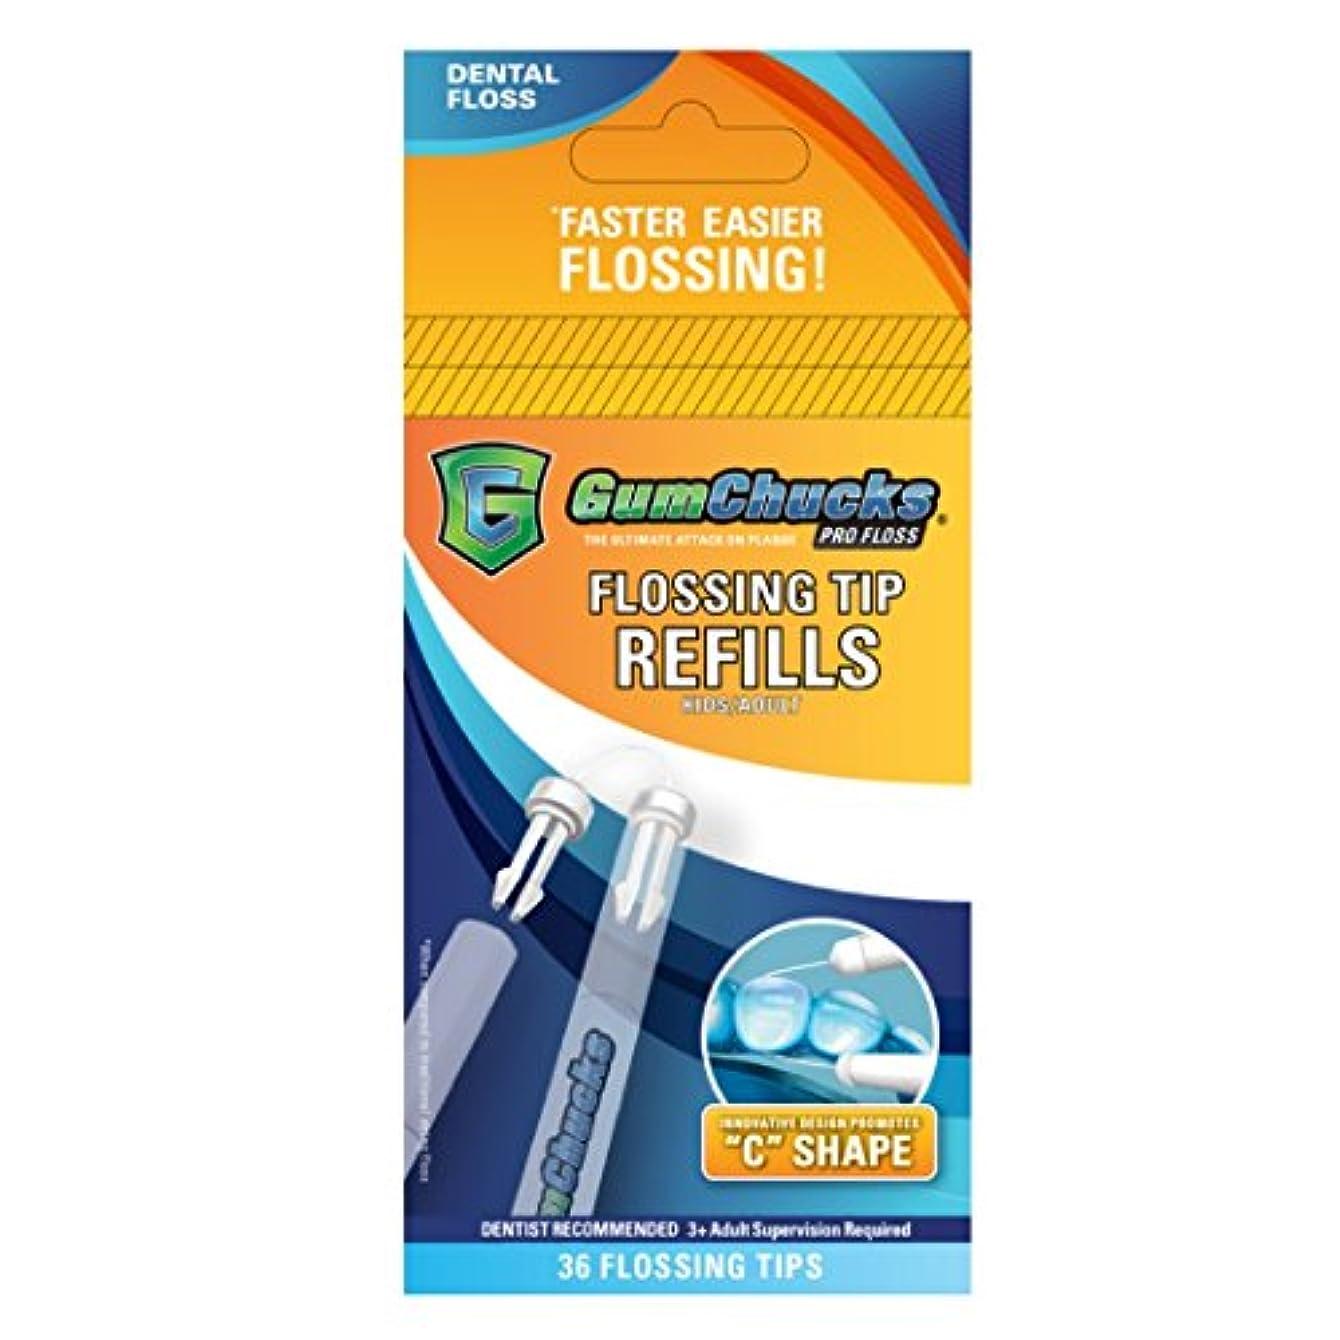 クロスフィールド ガムチャックス リフィルパック 36本入 × 1個 フロス/歯間清掃